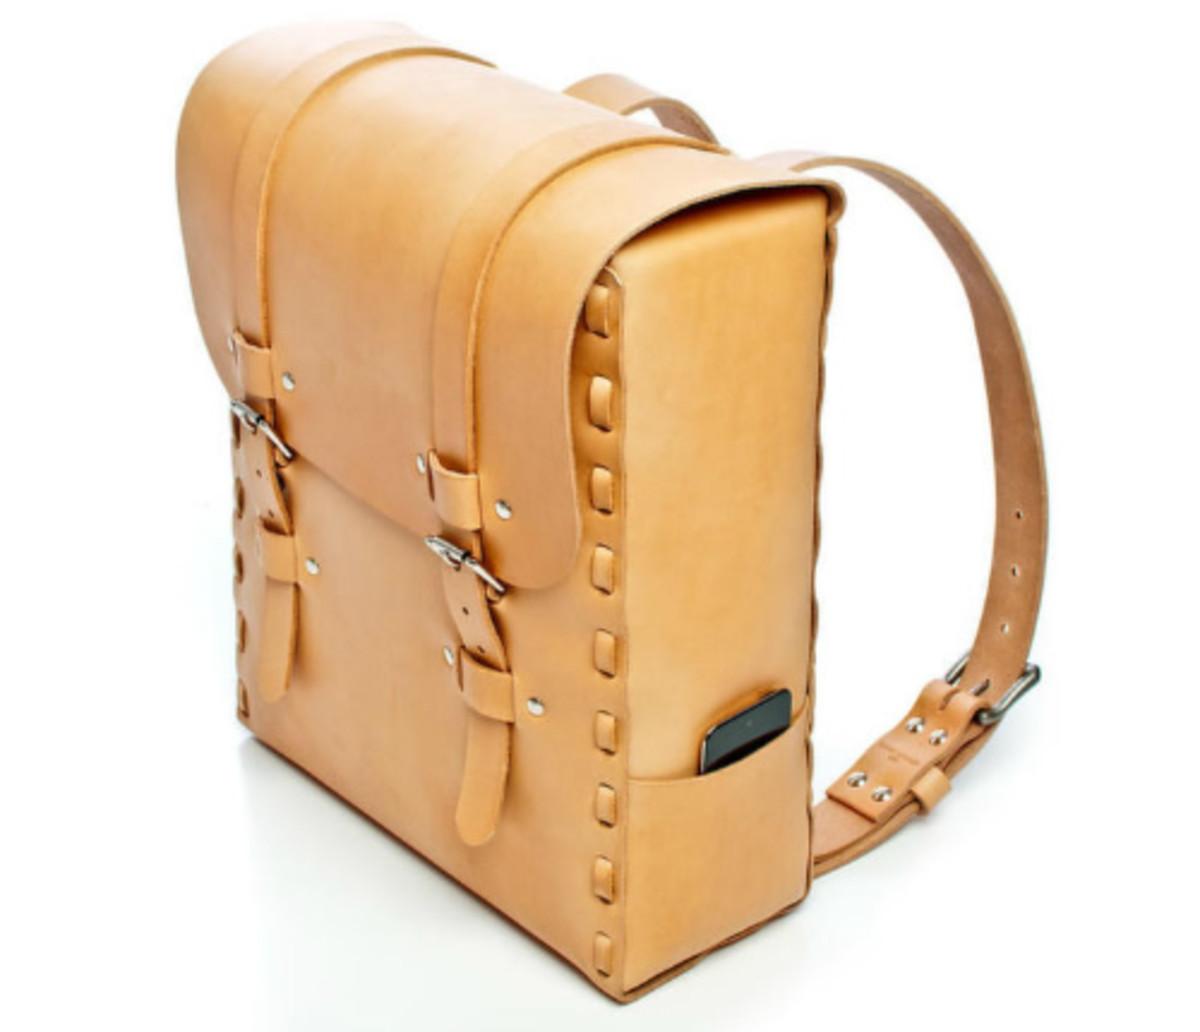 backpackks